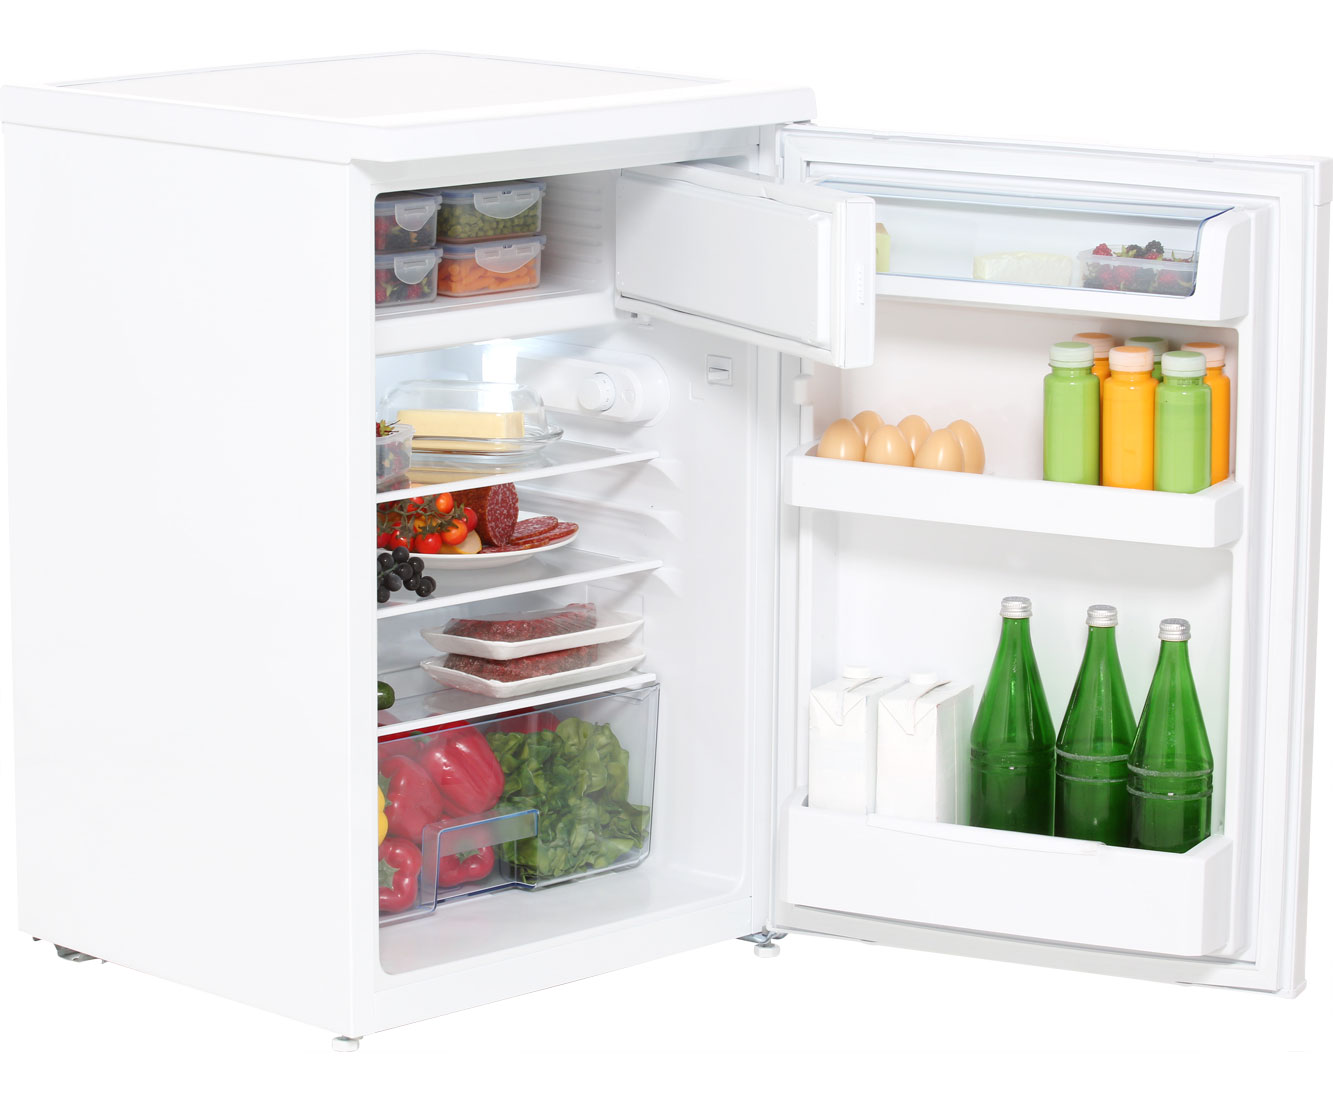 Kleiner Leiser Kühlschrank Mit Gefrierfach : Kühlschrank leise leiser kühlschrank für offene küche neuigkeiten